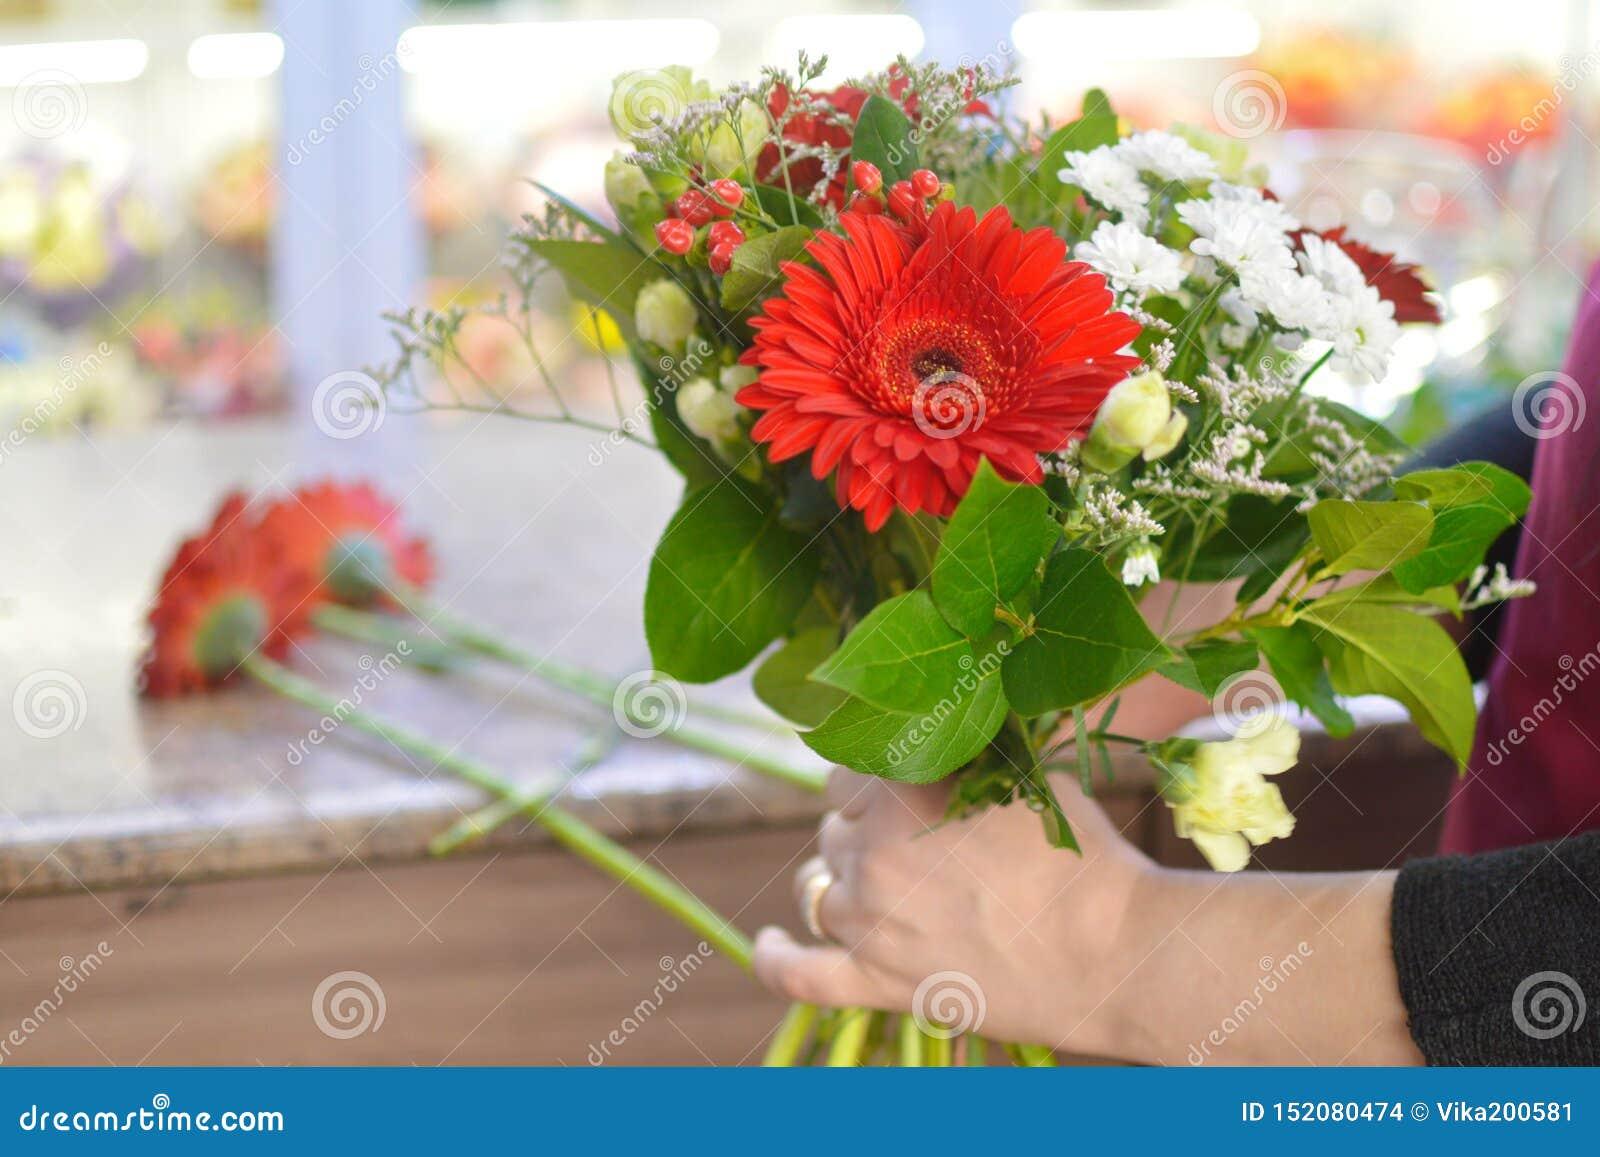 Blomsterhandlare på arbete i blomsterhandeln